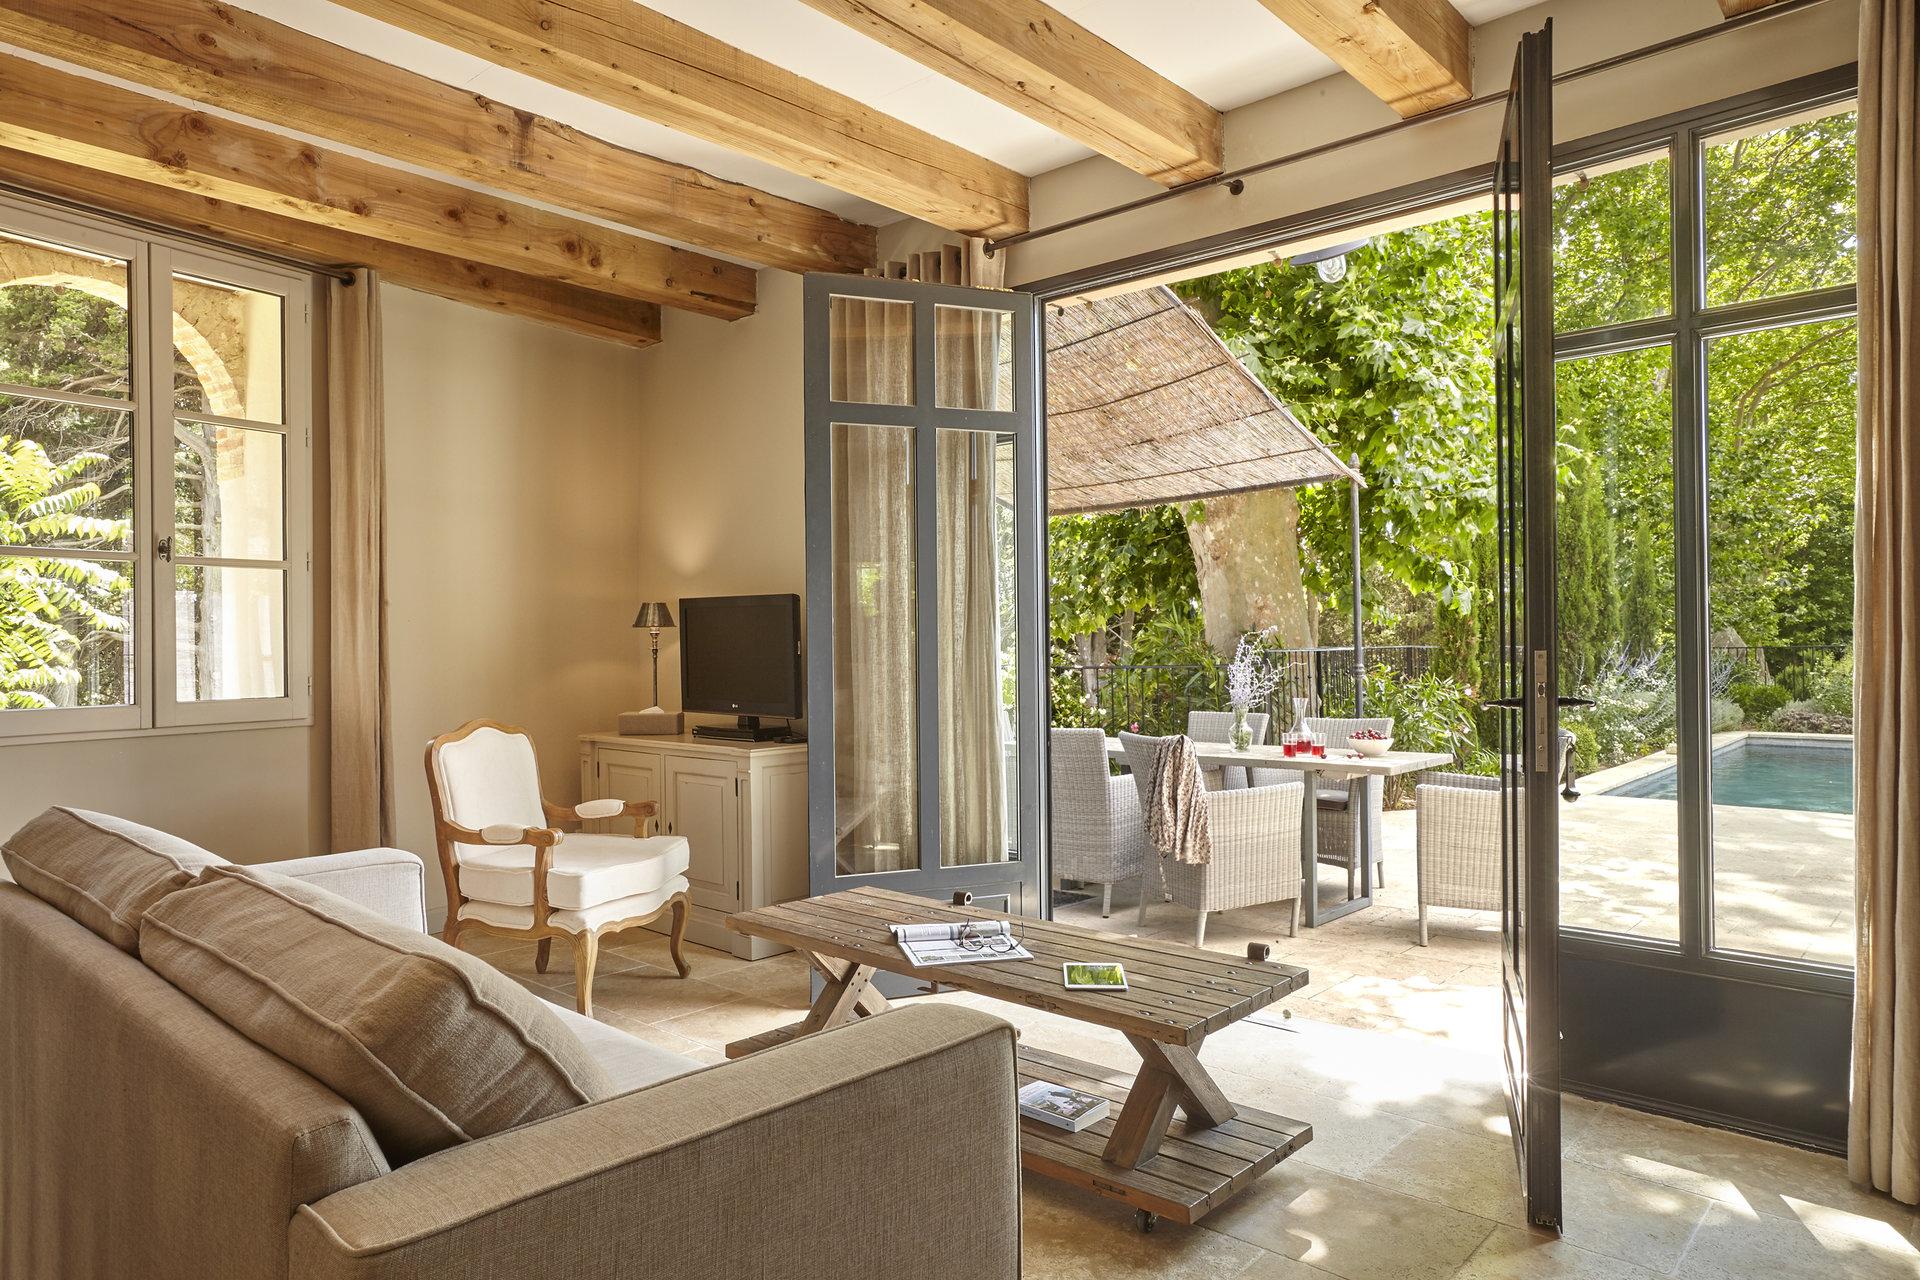 Maison de 3 chambres et 3 salles de bain avec piscine privé sur domaine viticole de luxe